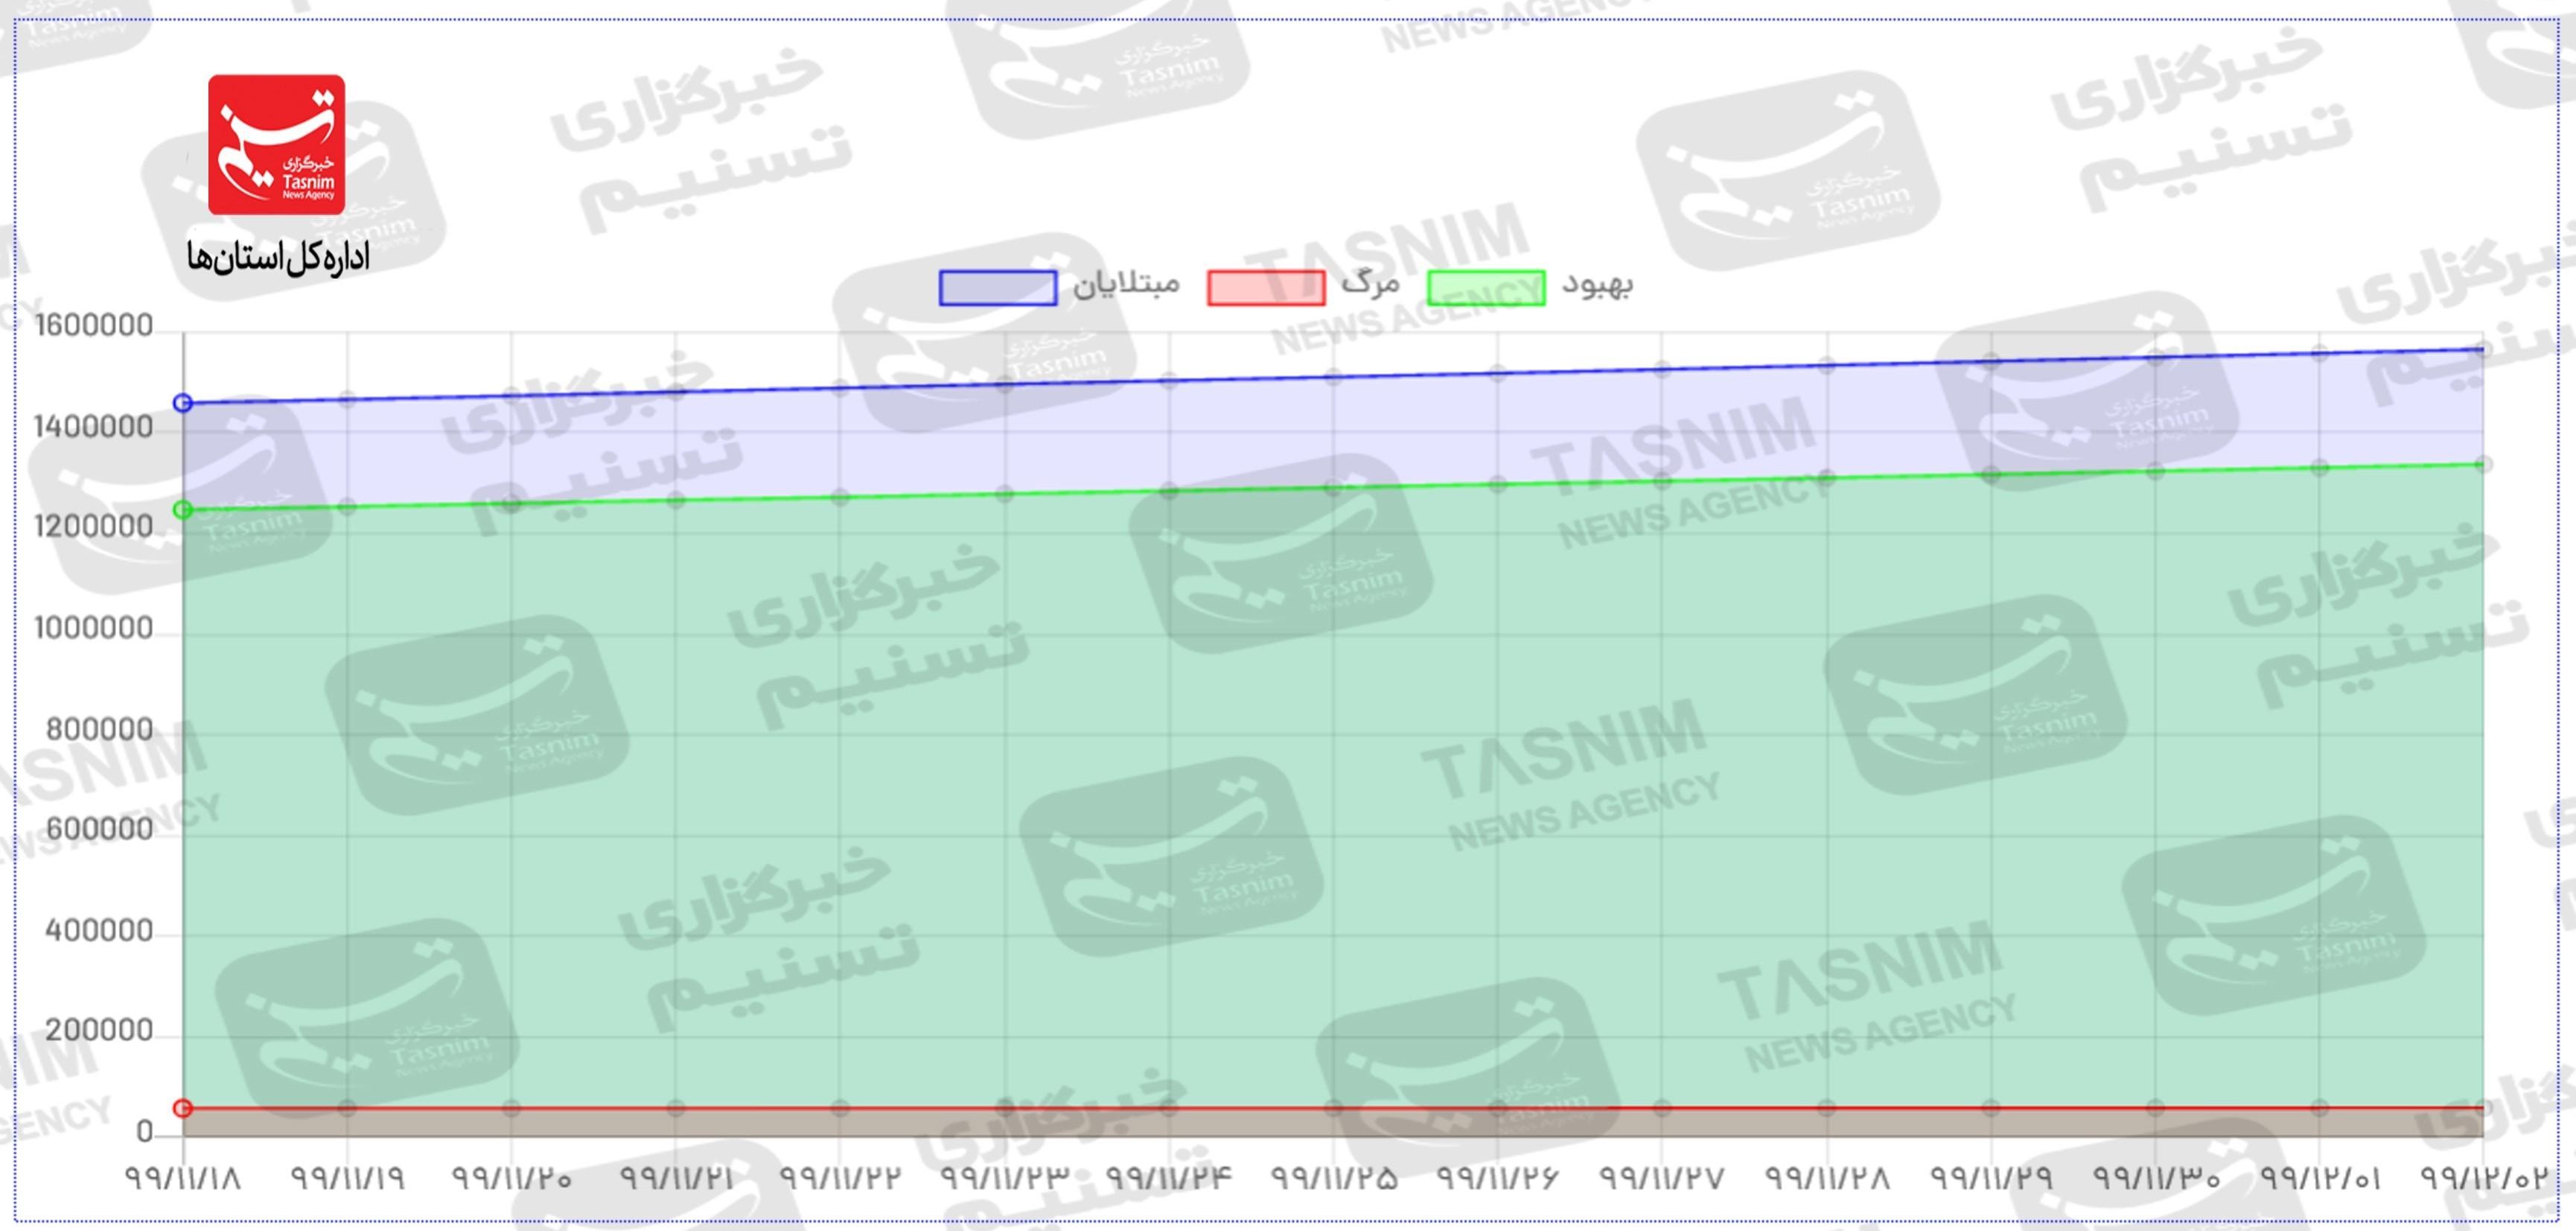 13991203101357616222826710 - تازهترین اخبار کویید ۱۹ در ایران|ویروس انگلیس آمد همه نمودارها صعودی شد/زنگ خطر همهگیری در استانهای همجوار خوزستان به صدا درآمد + جدول و نقشه